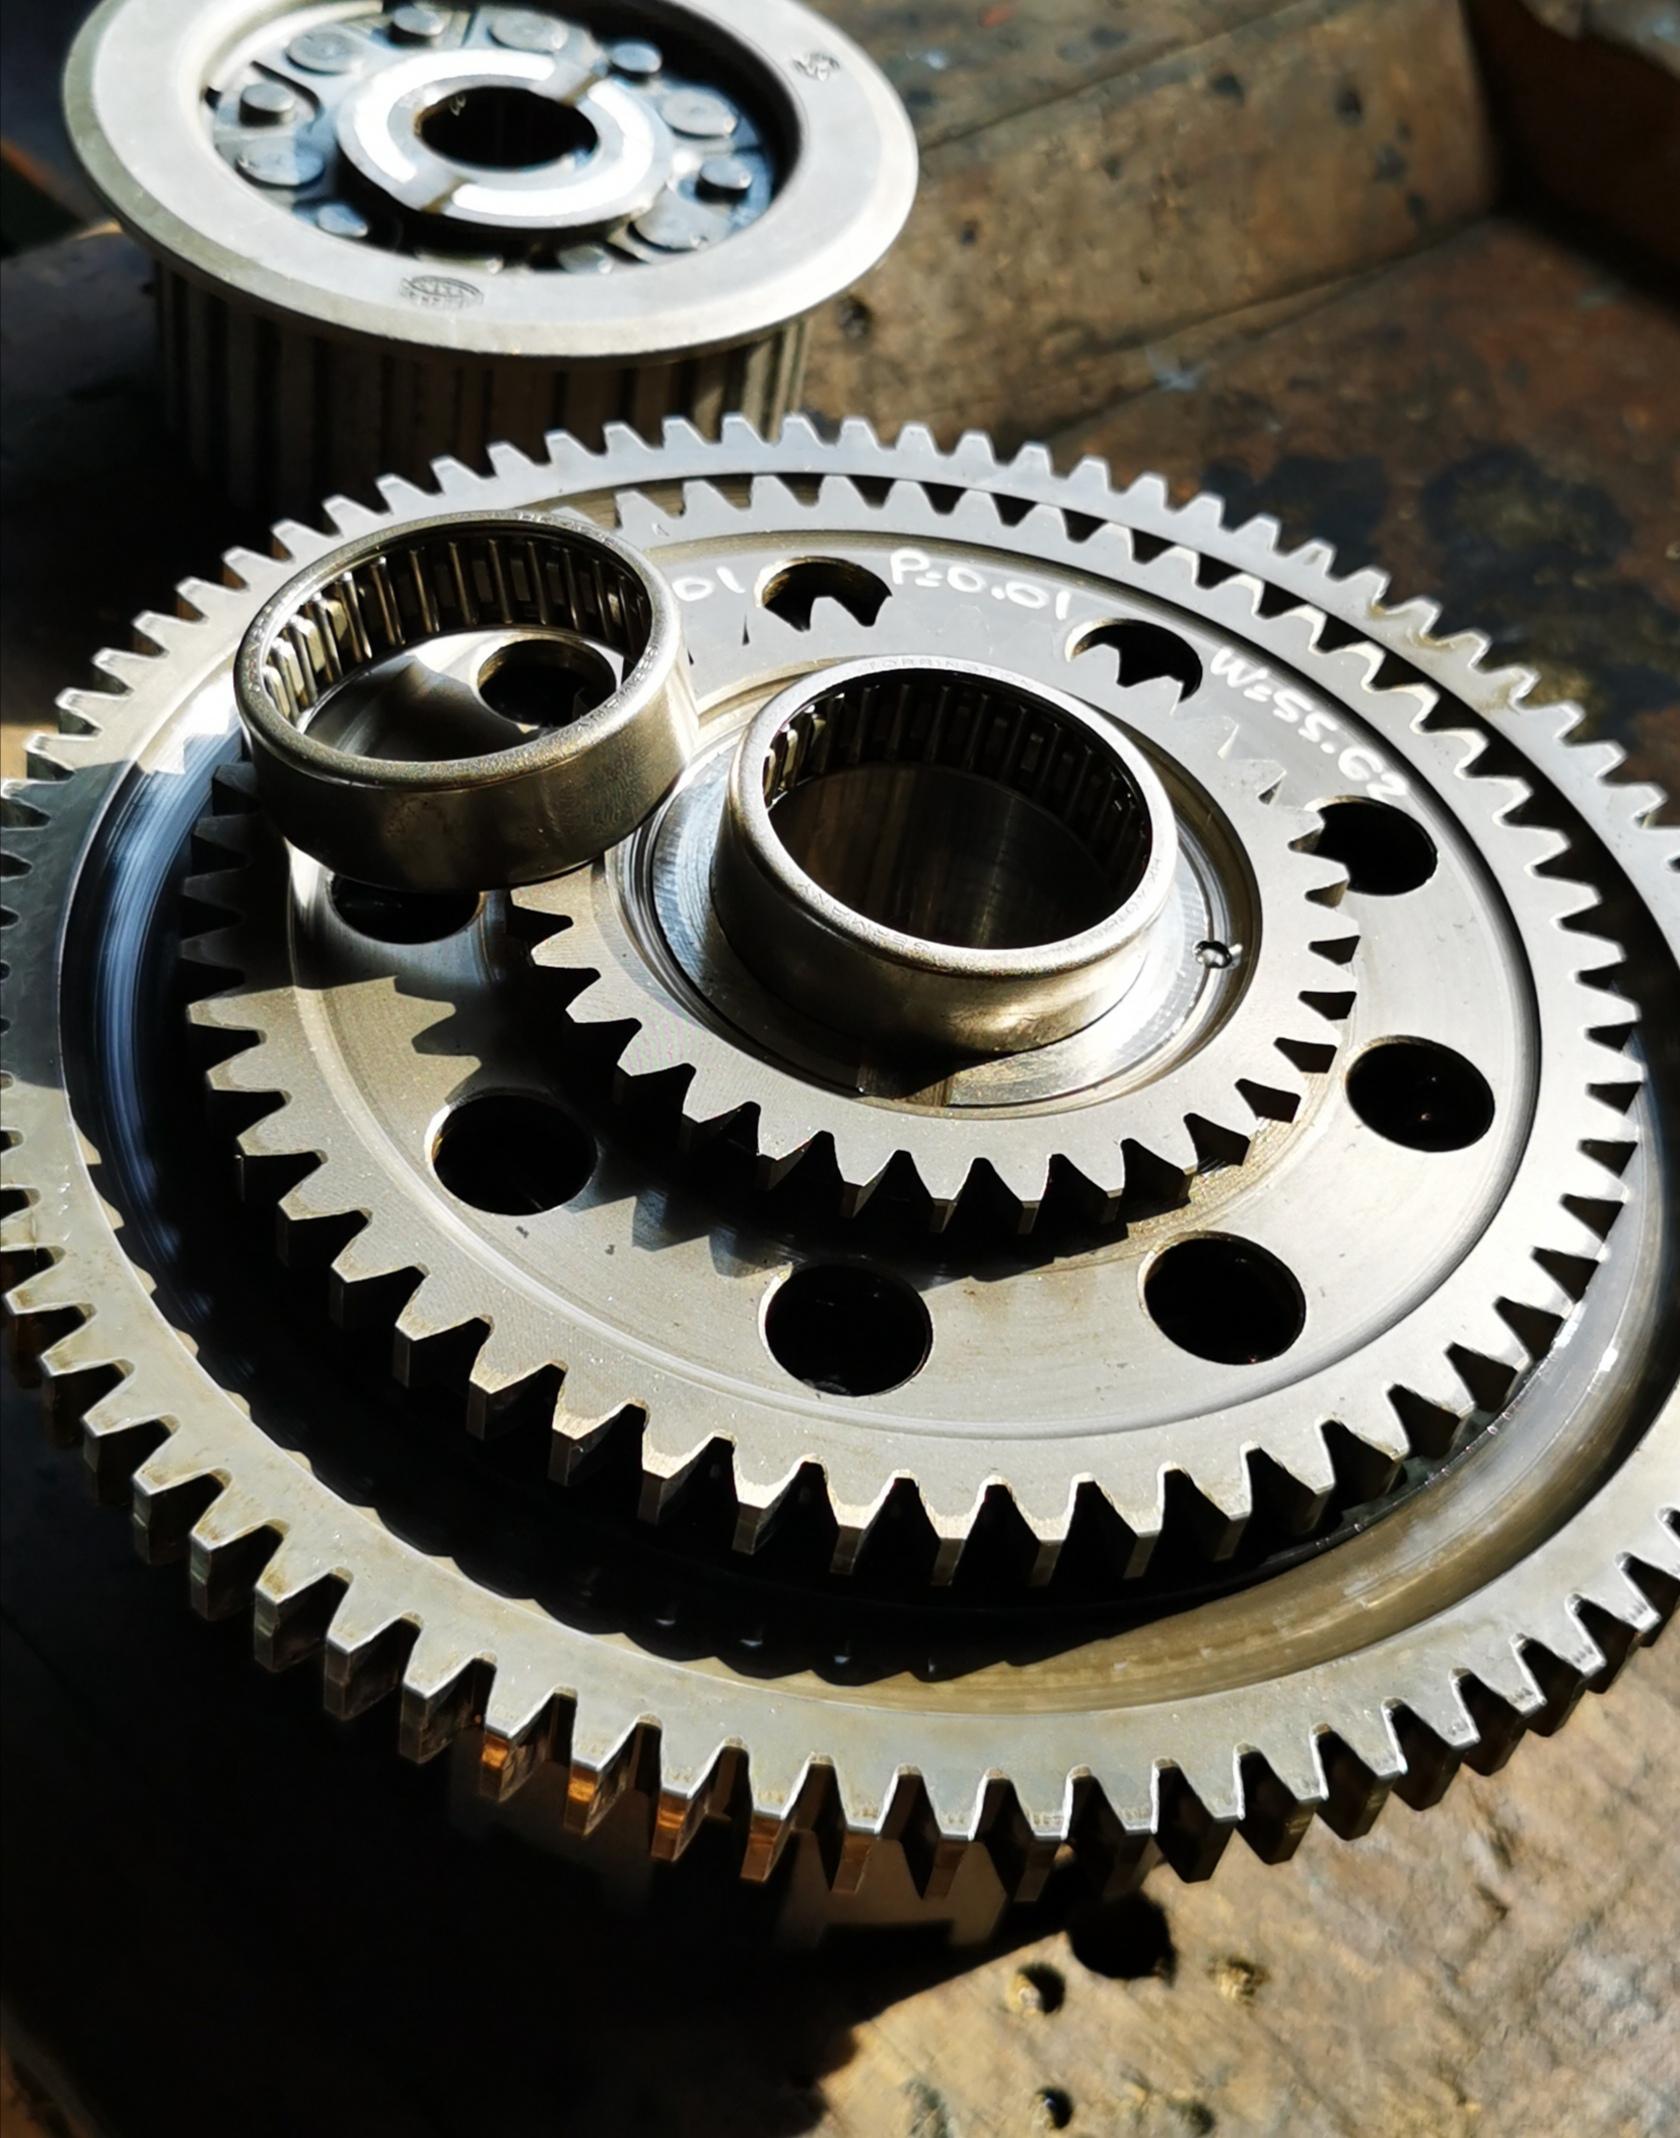 Clutch needle roller bearings..-img_20200423_161706_1587655592114.jpg